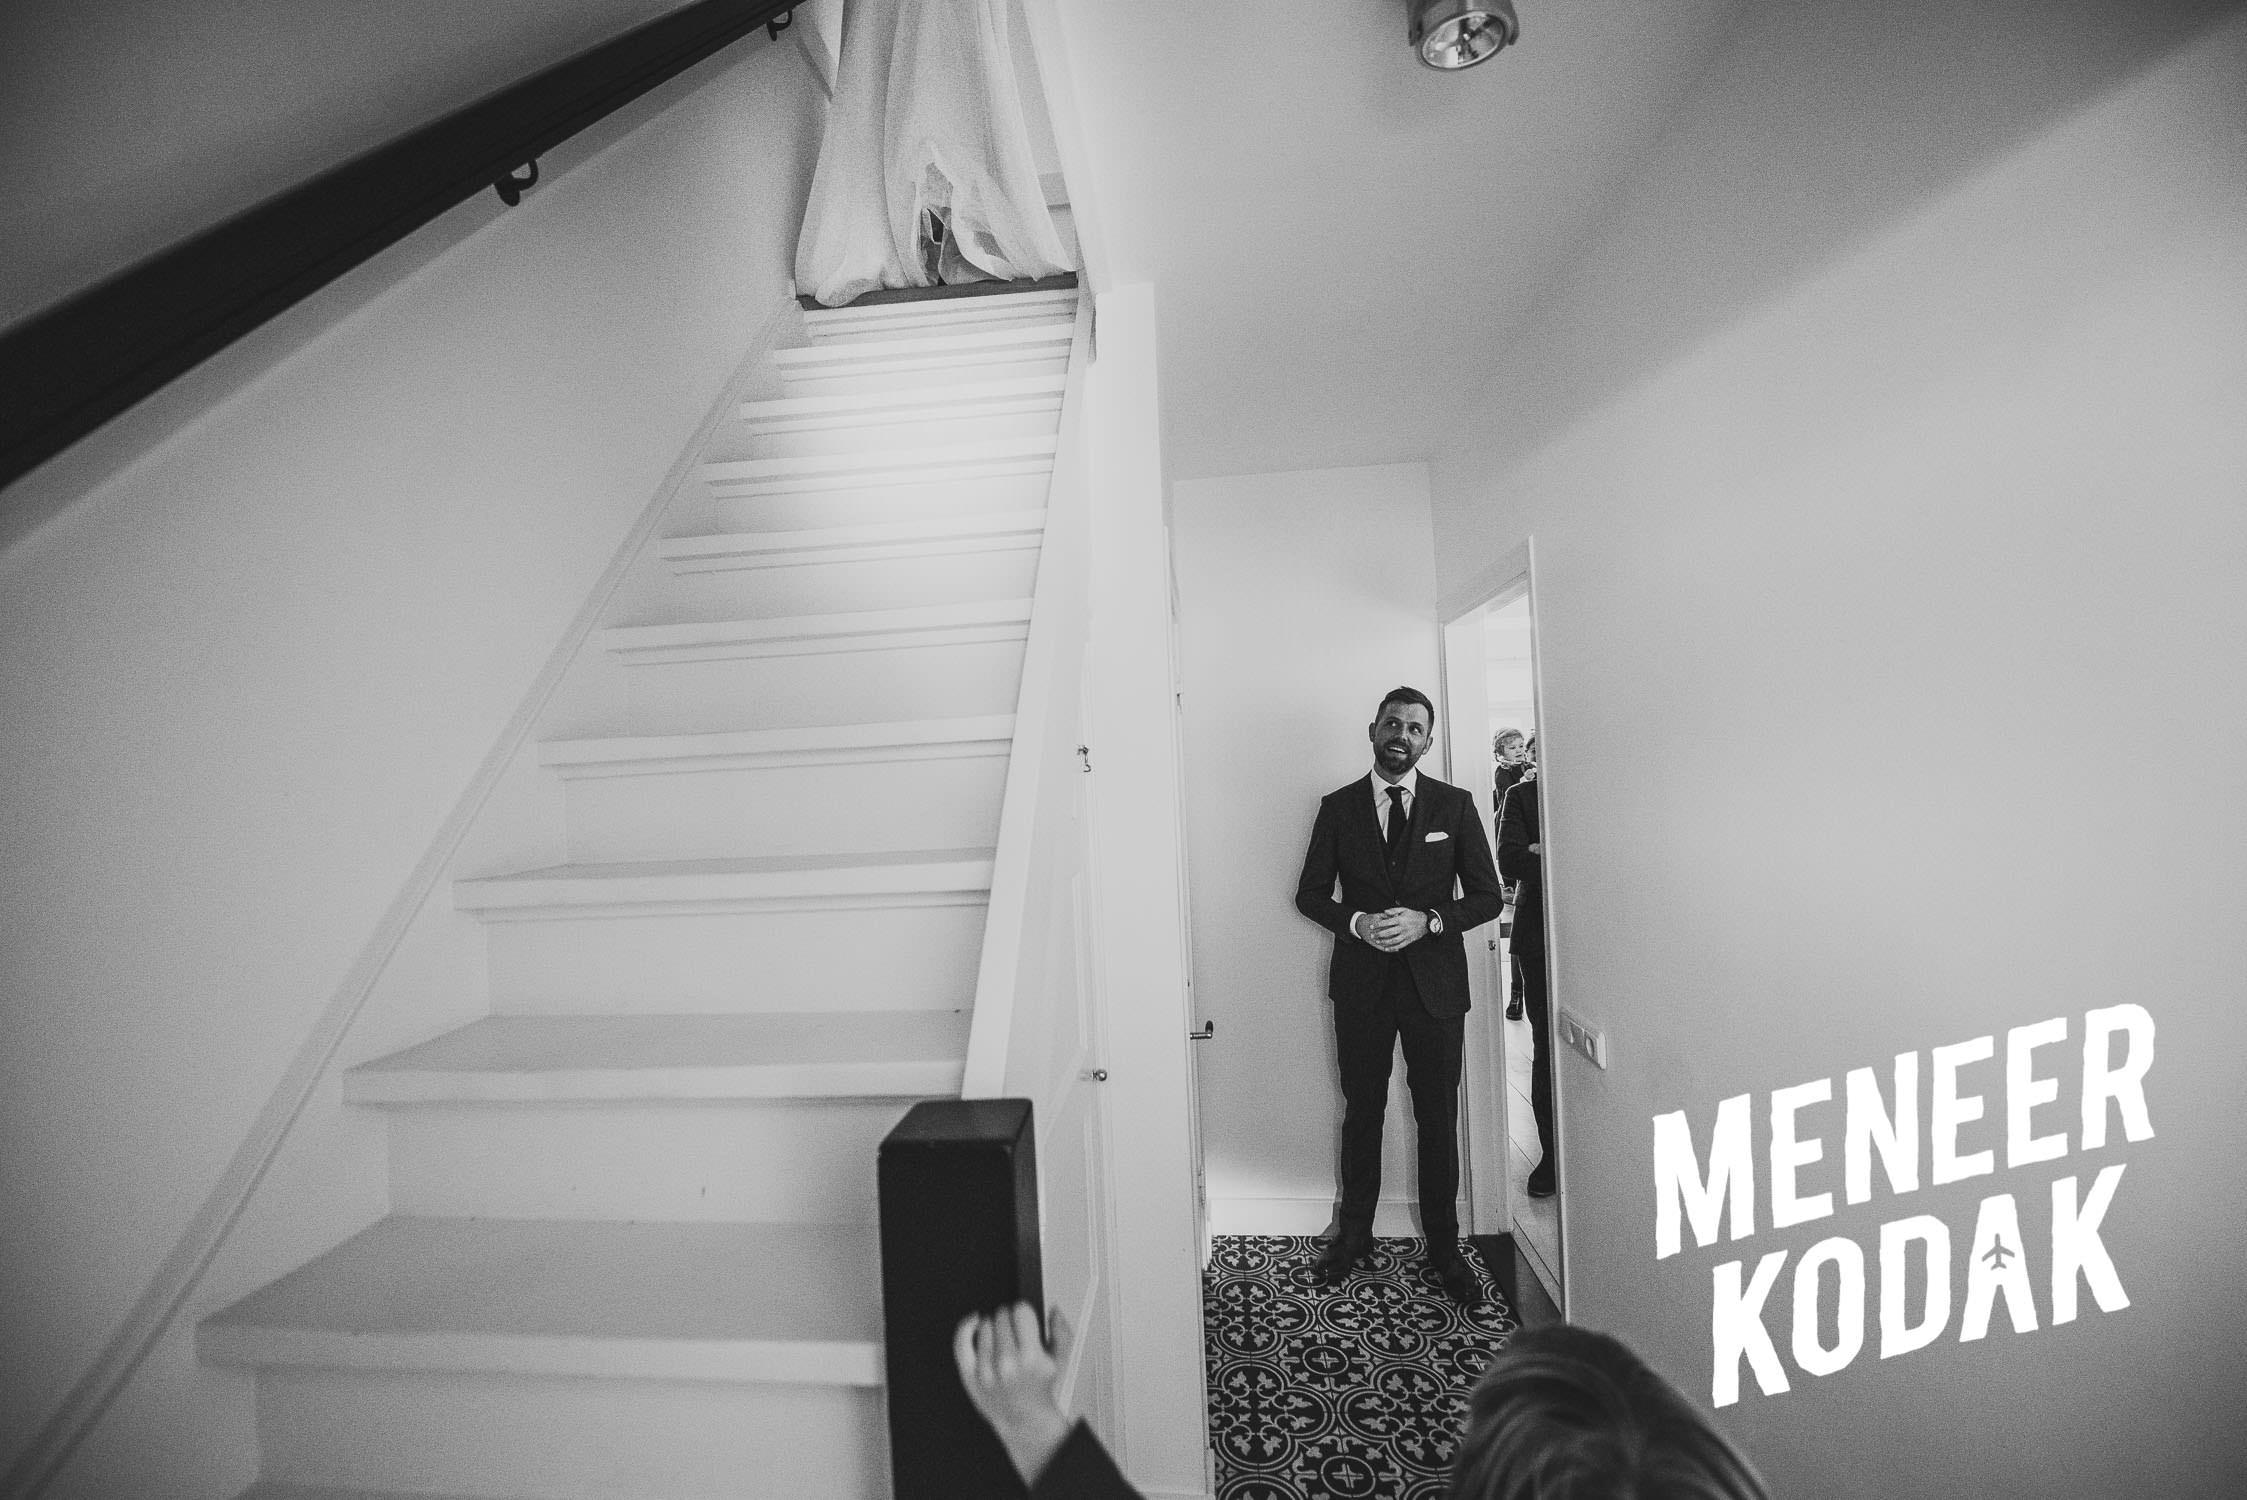 Meneer Kodak - Bruidsfotograaf - Breda - S&R-065.jpg